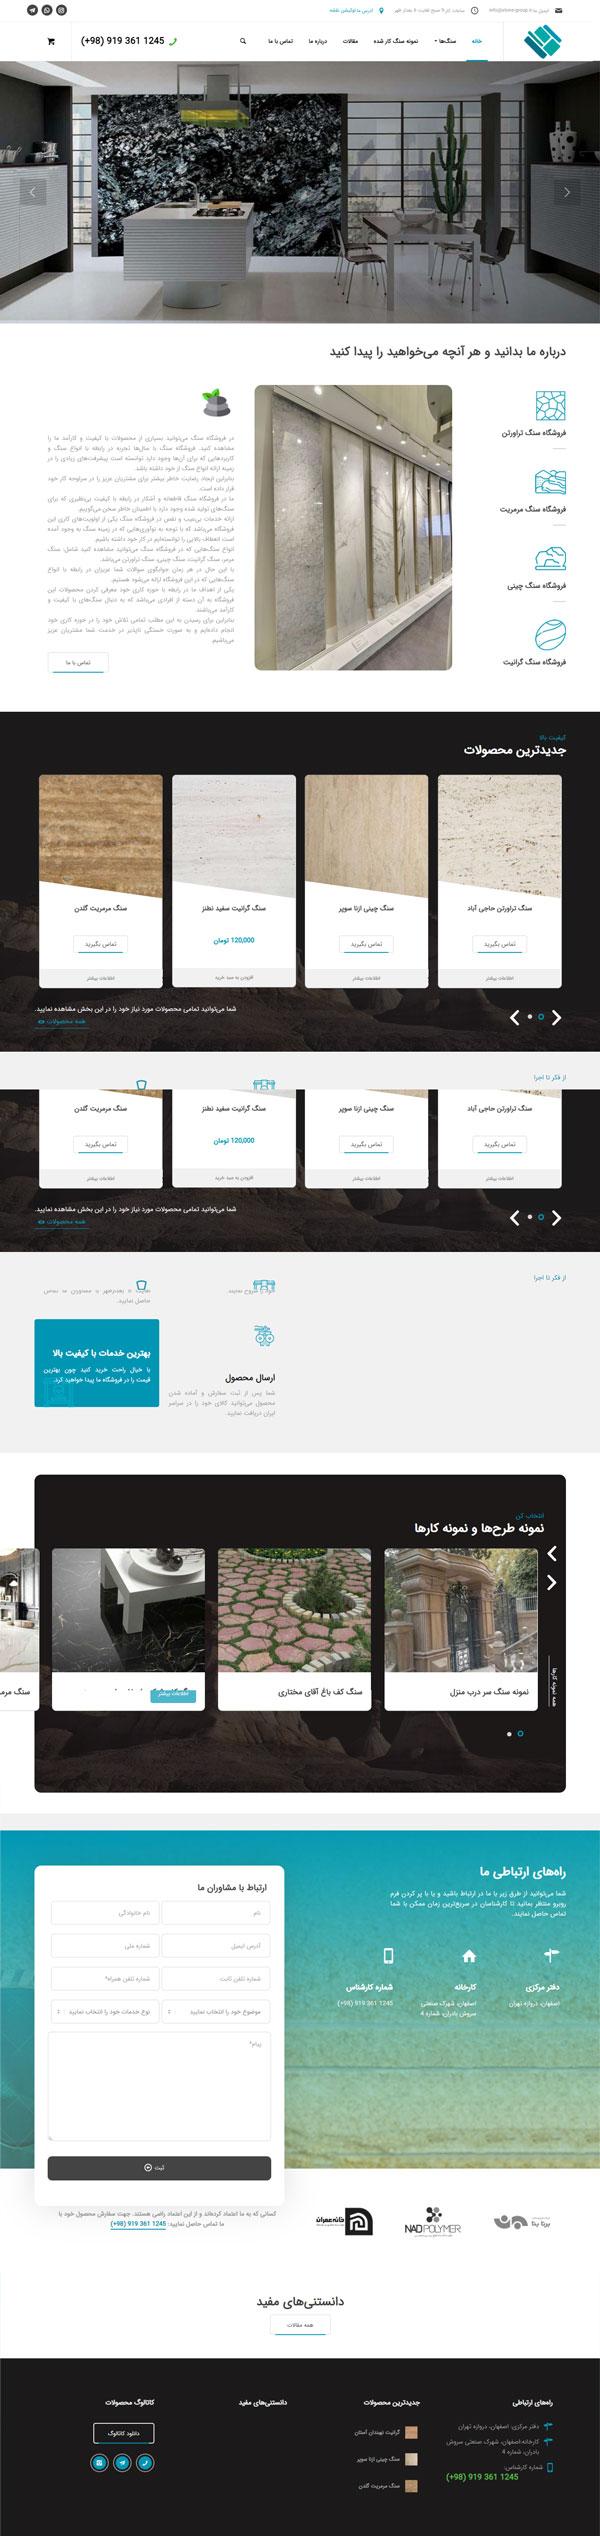 طراحی سایت استون گروپ   فروشگاه سنگ